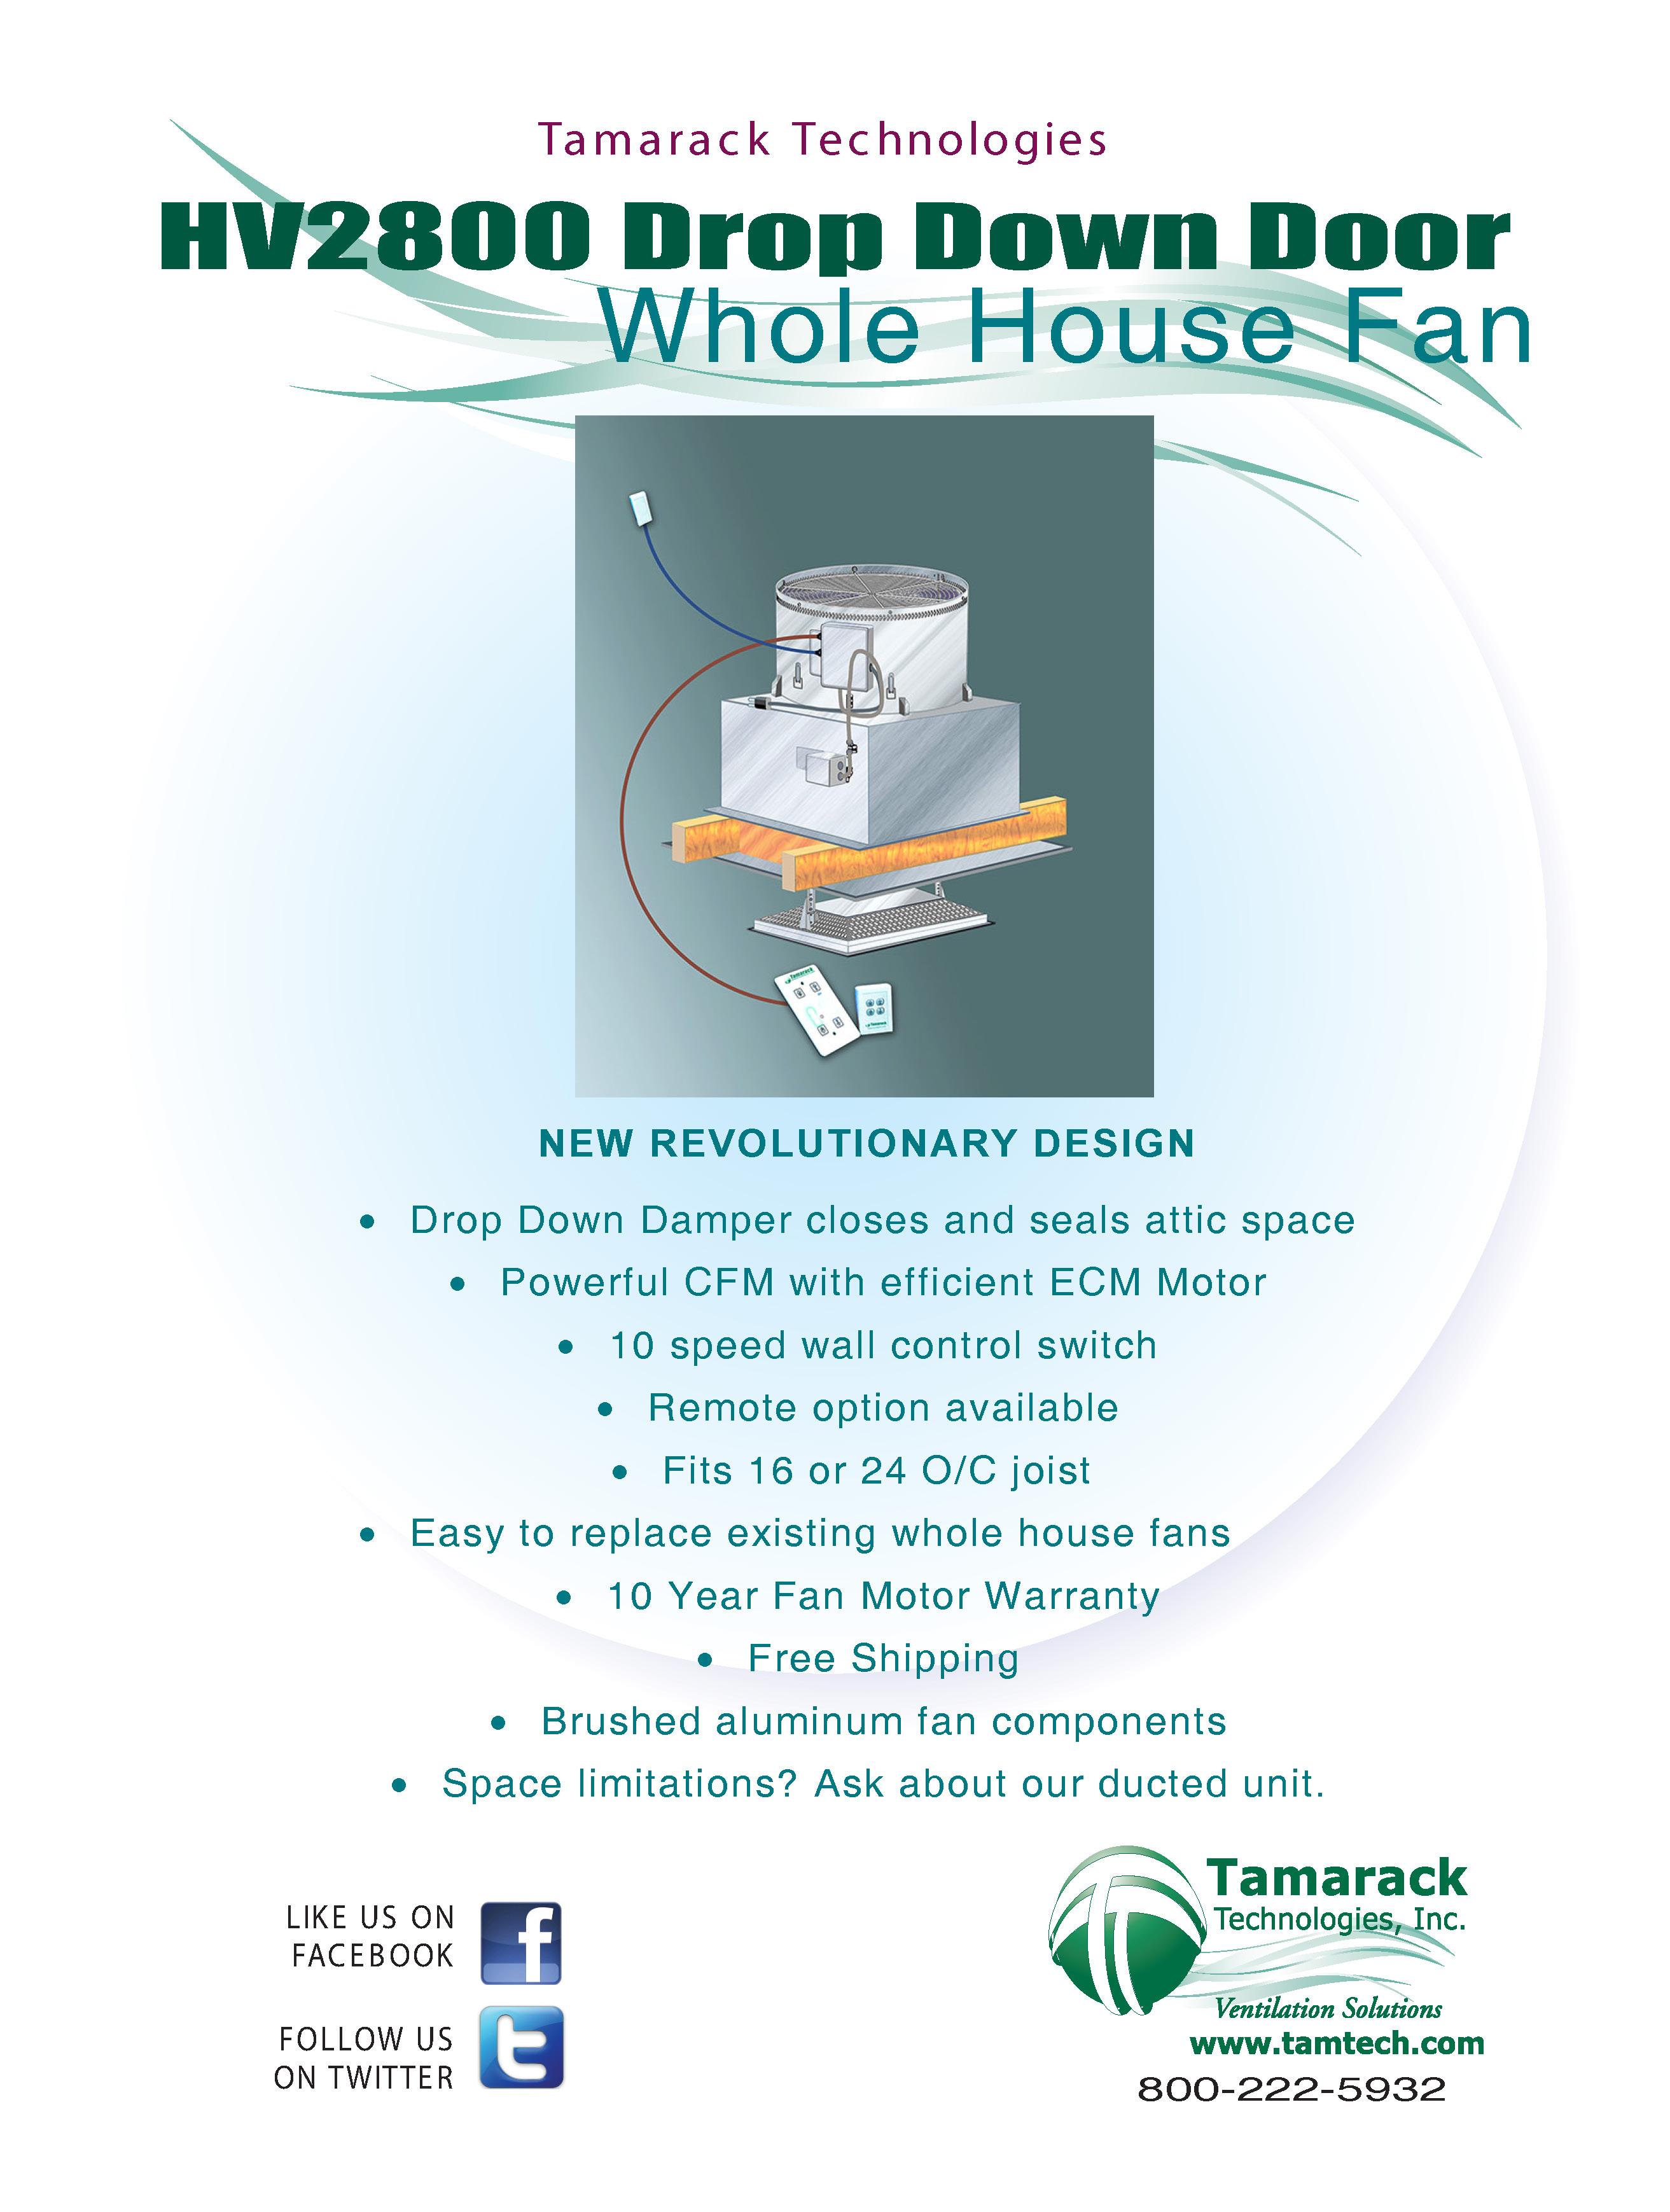 HV2800 Kaze Whole House Fan